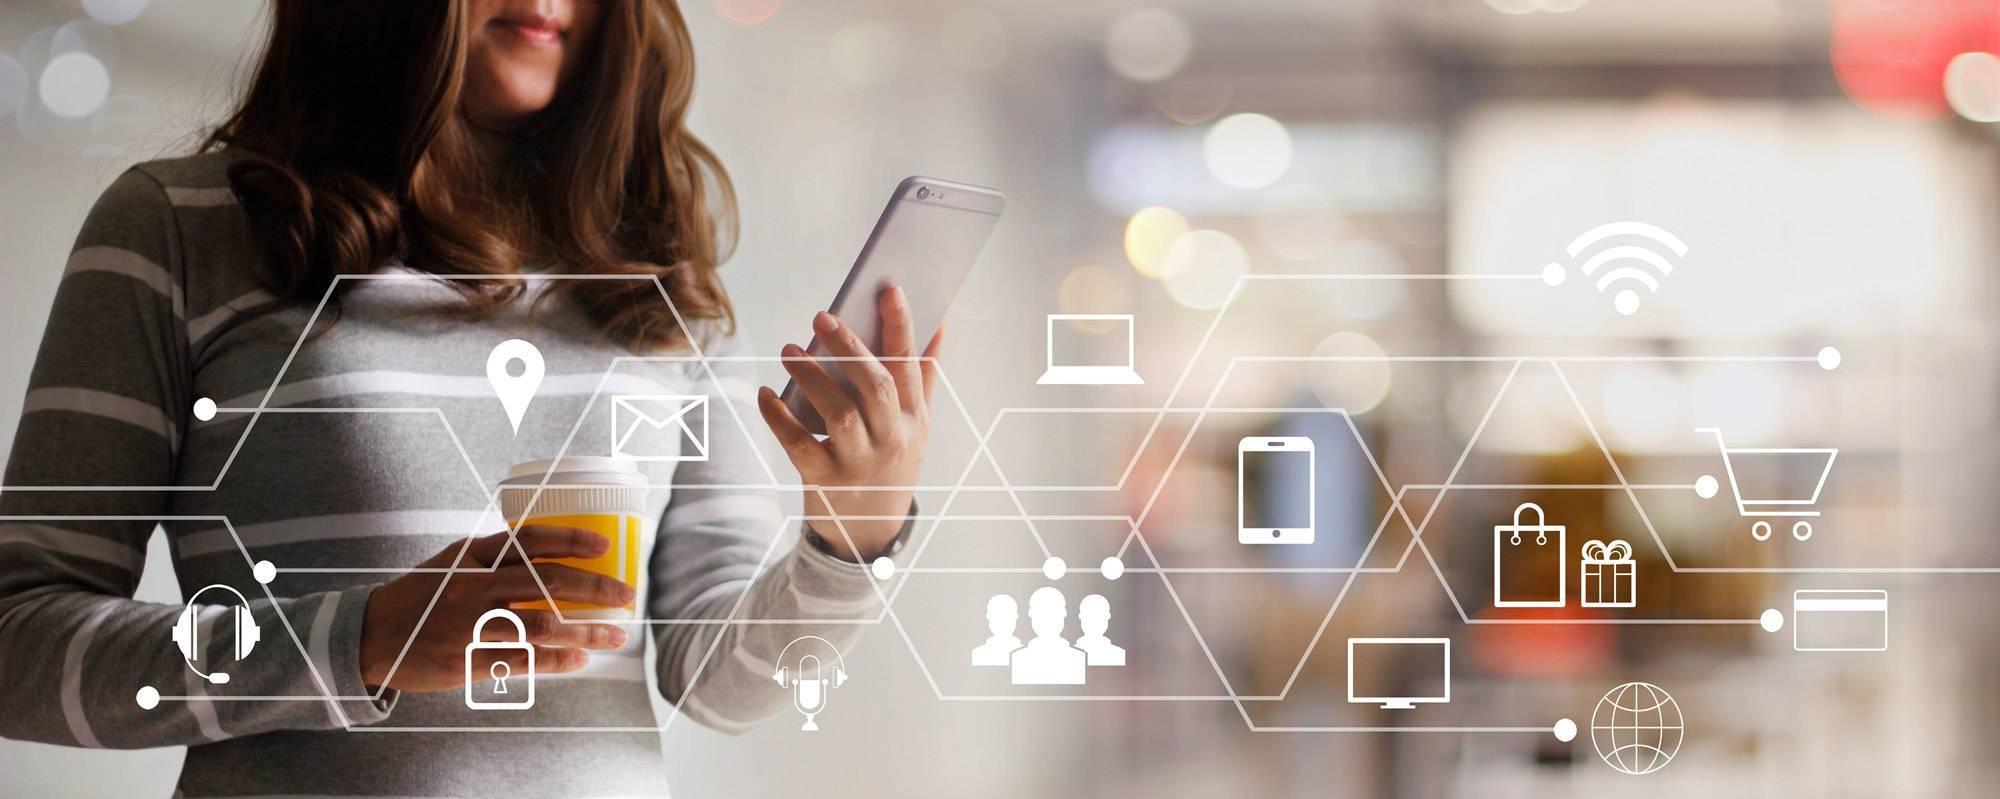 transformacion digital - Internet de la Cosas (IoT)